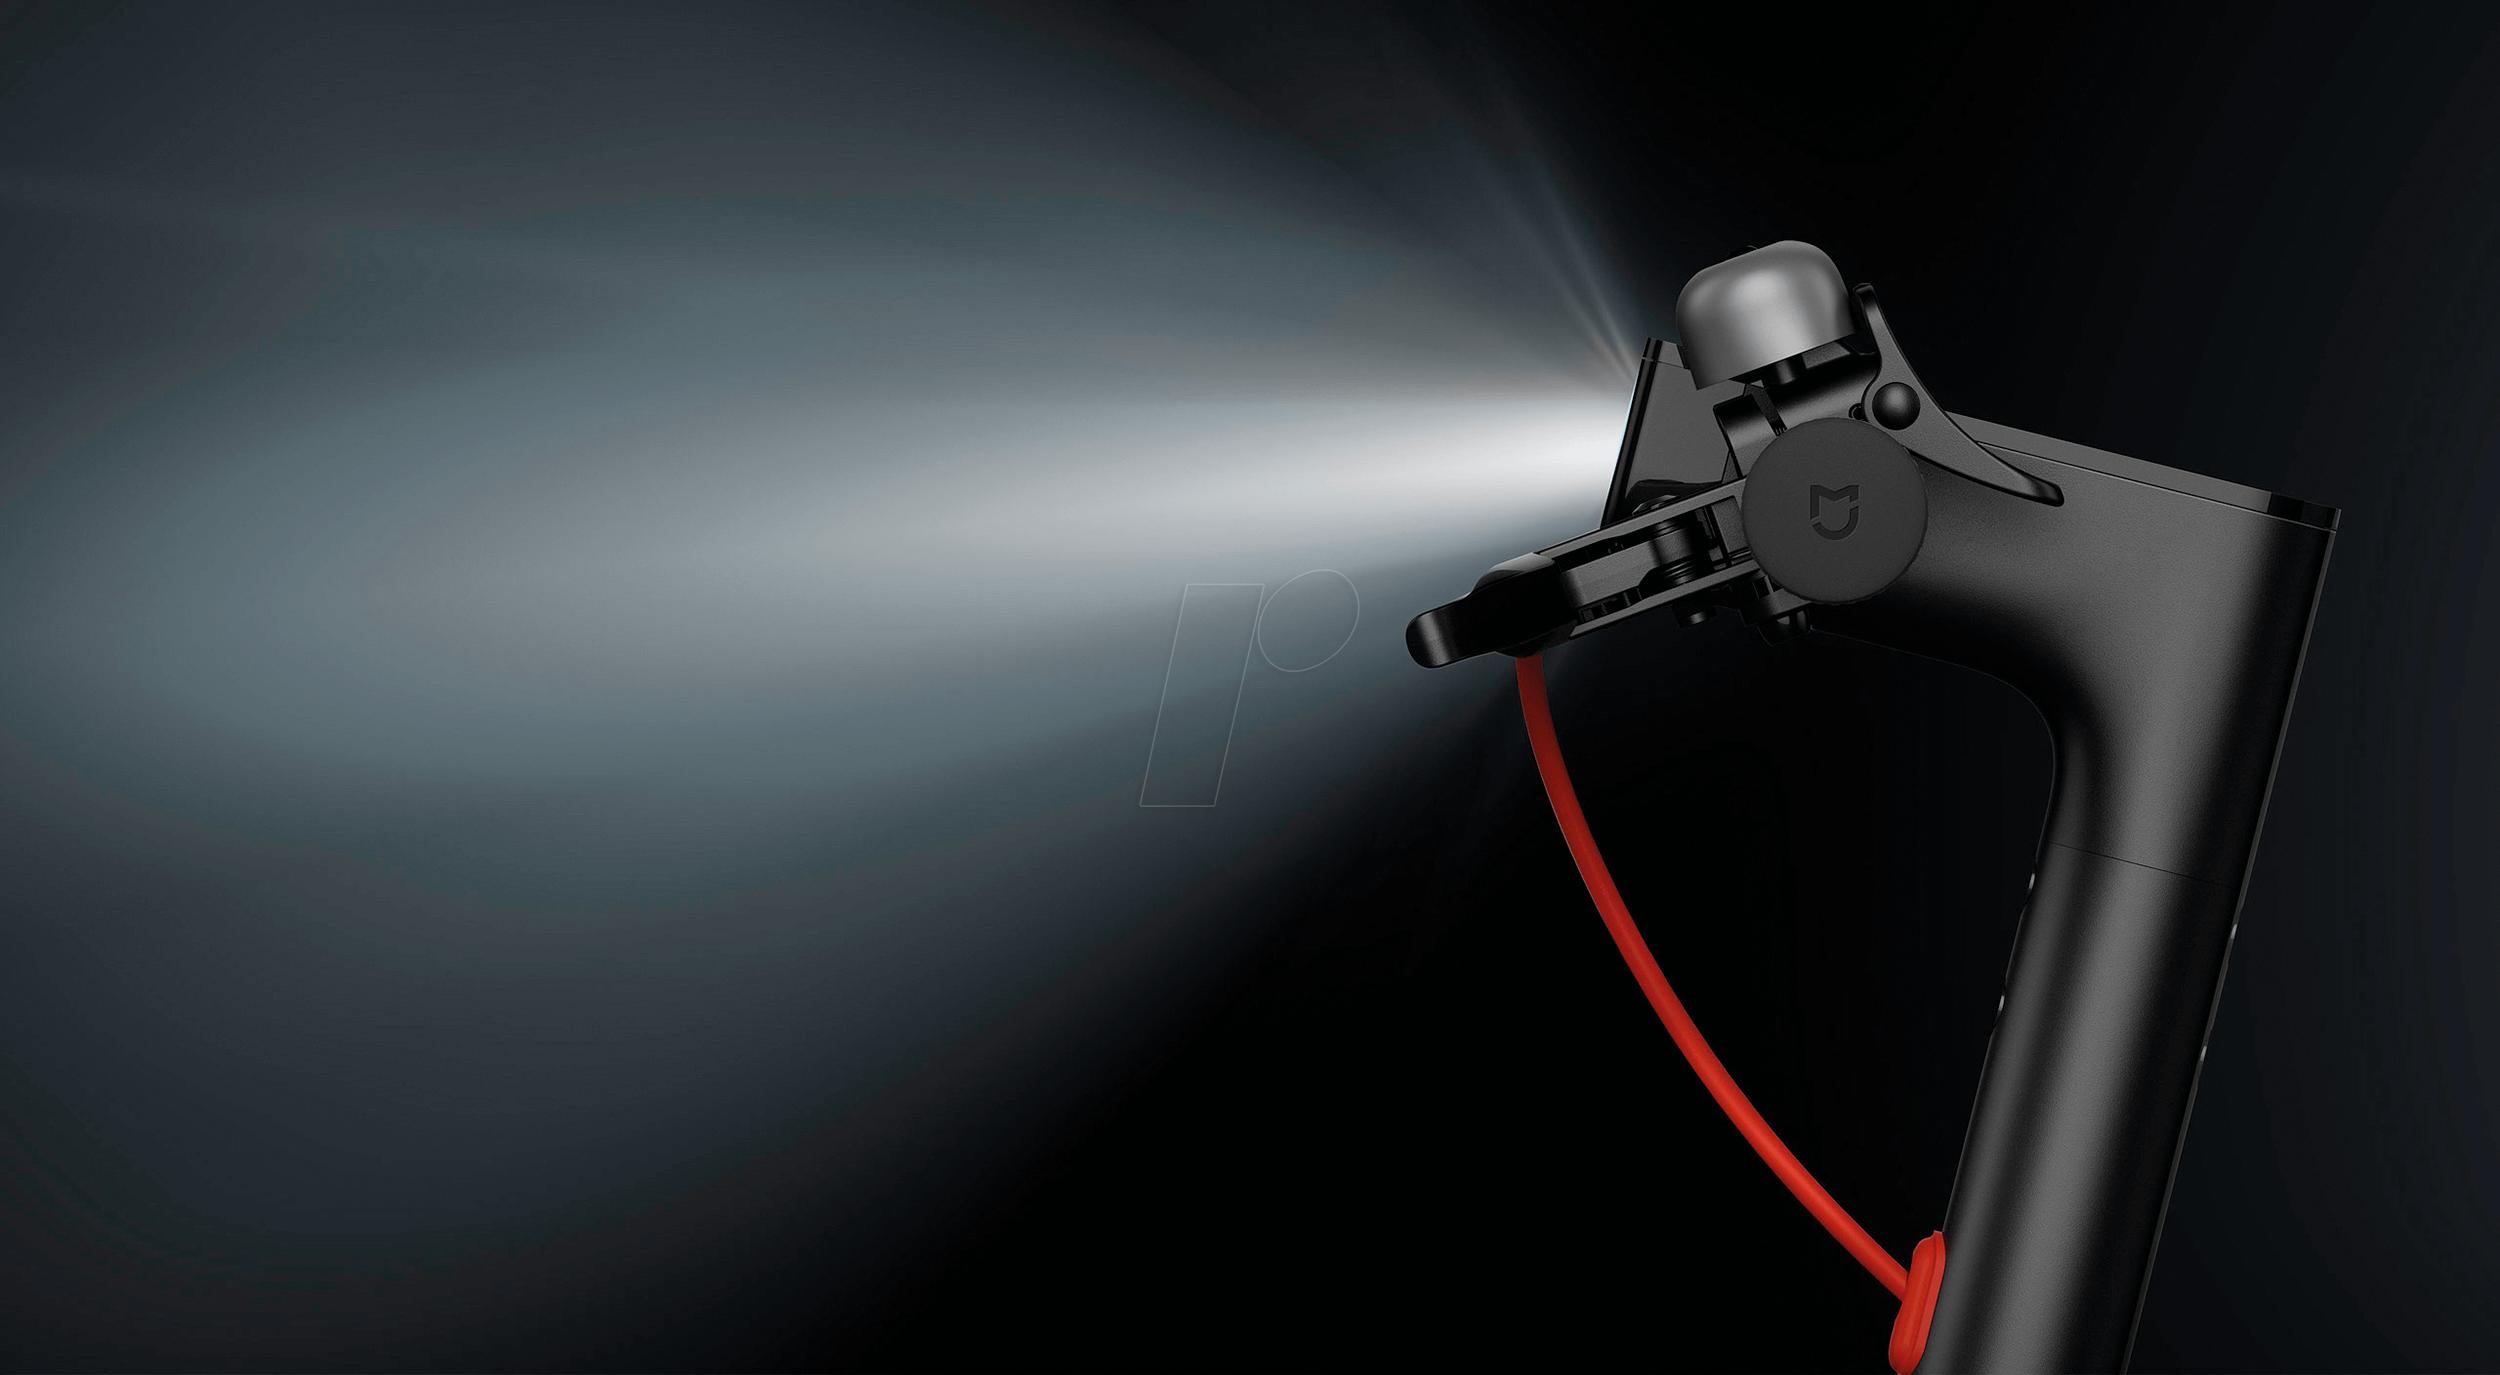 XIAOMI M365S - XIAOMI Mi Electric Scooter M365, black